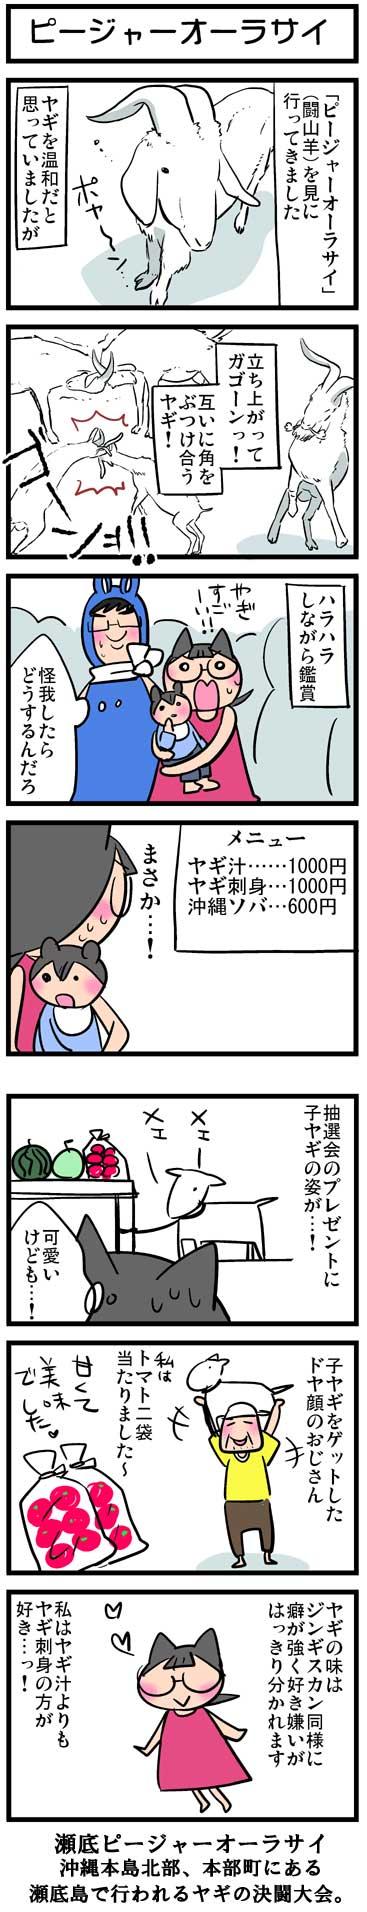 ginnan4095.jpg